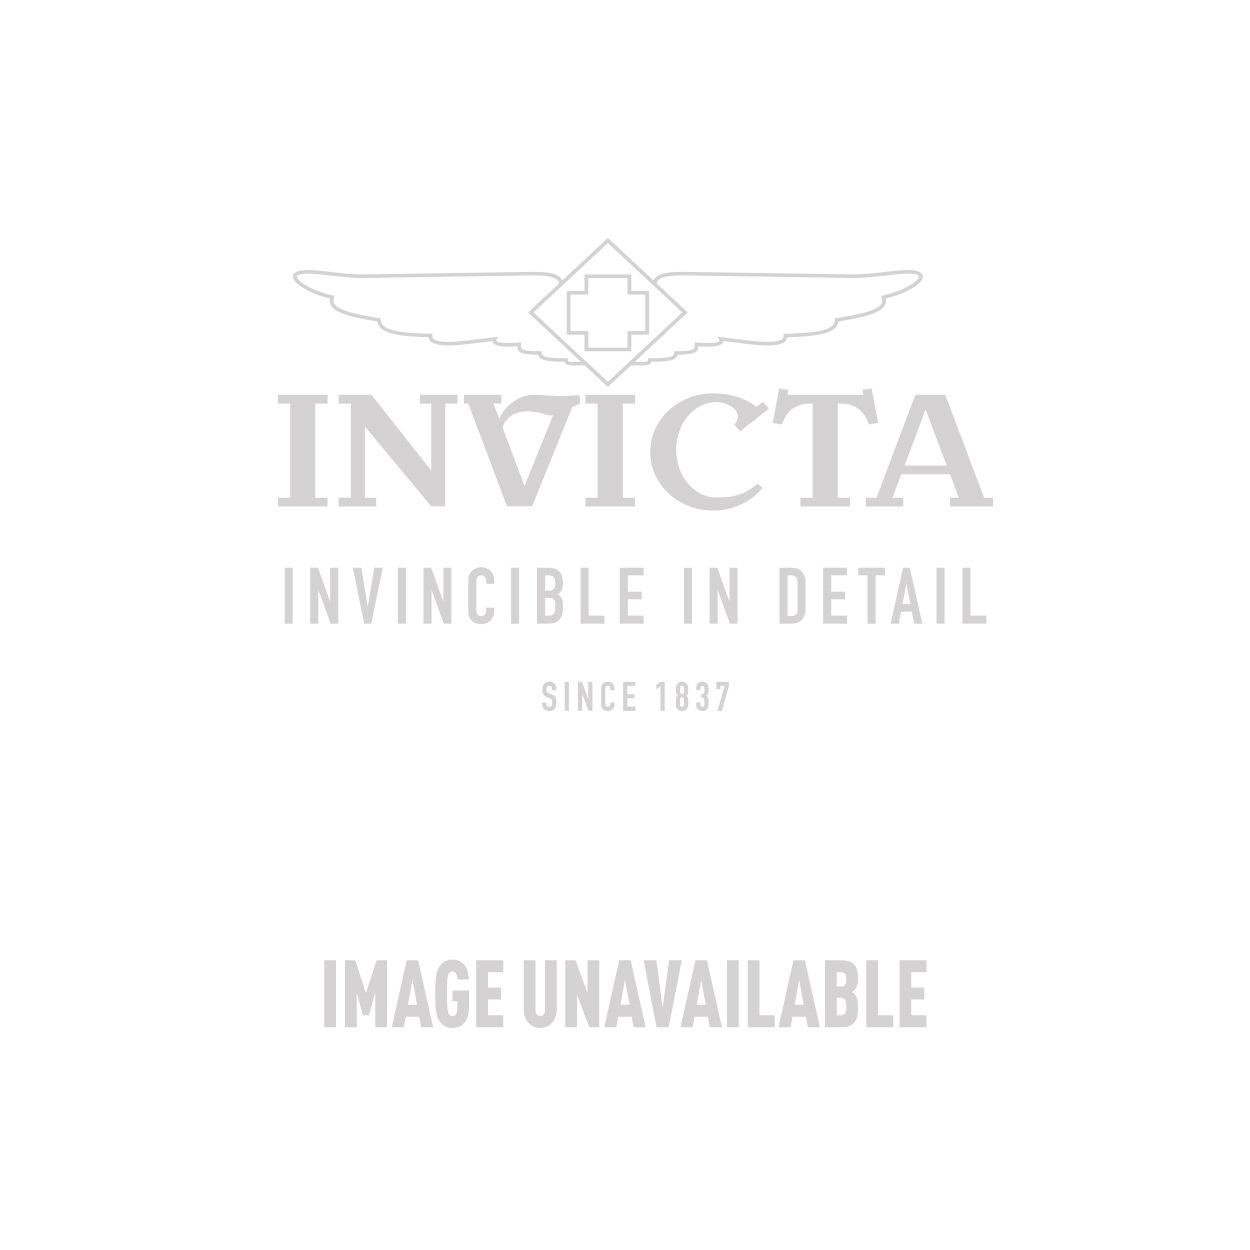 Invicta Model  25419